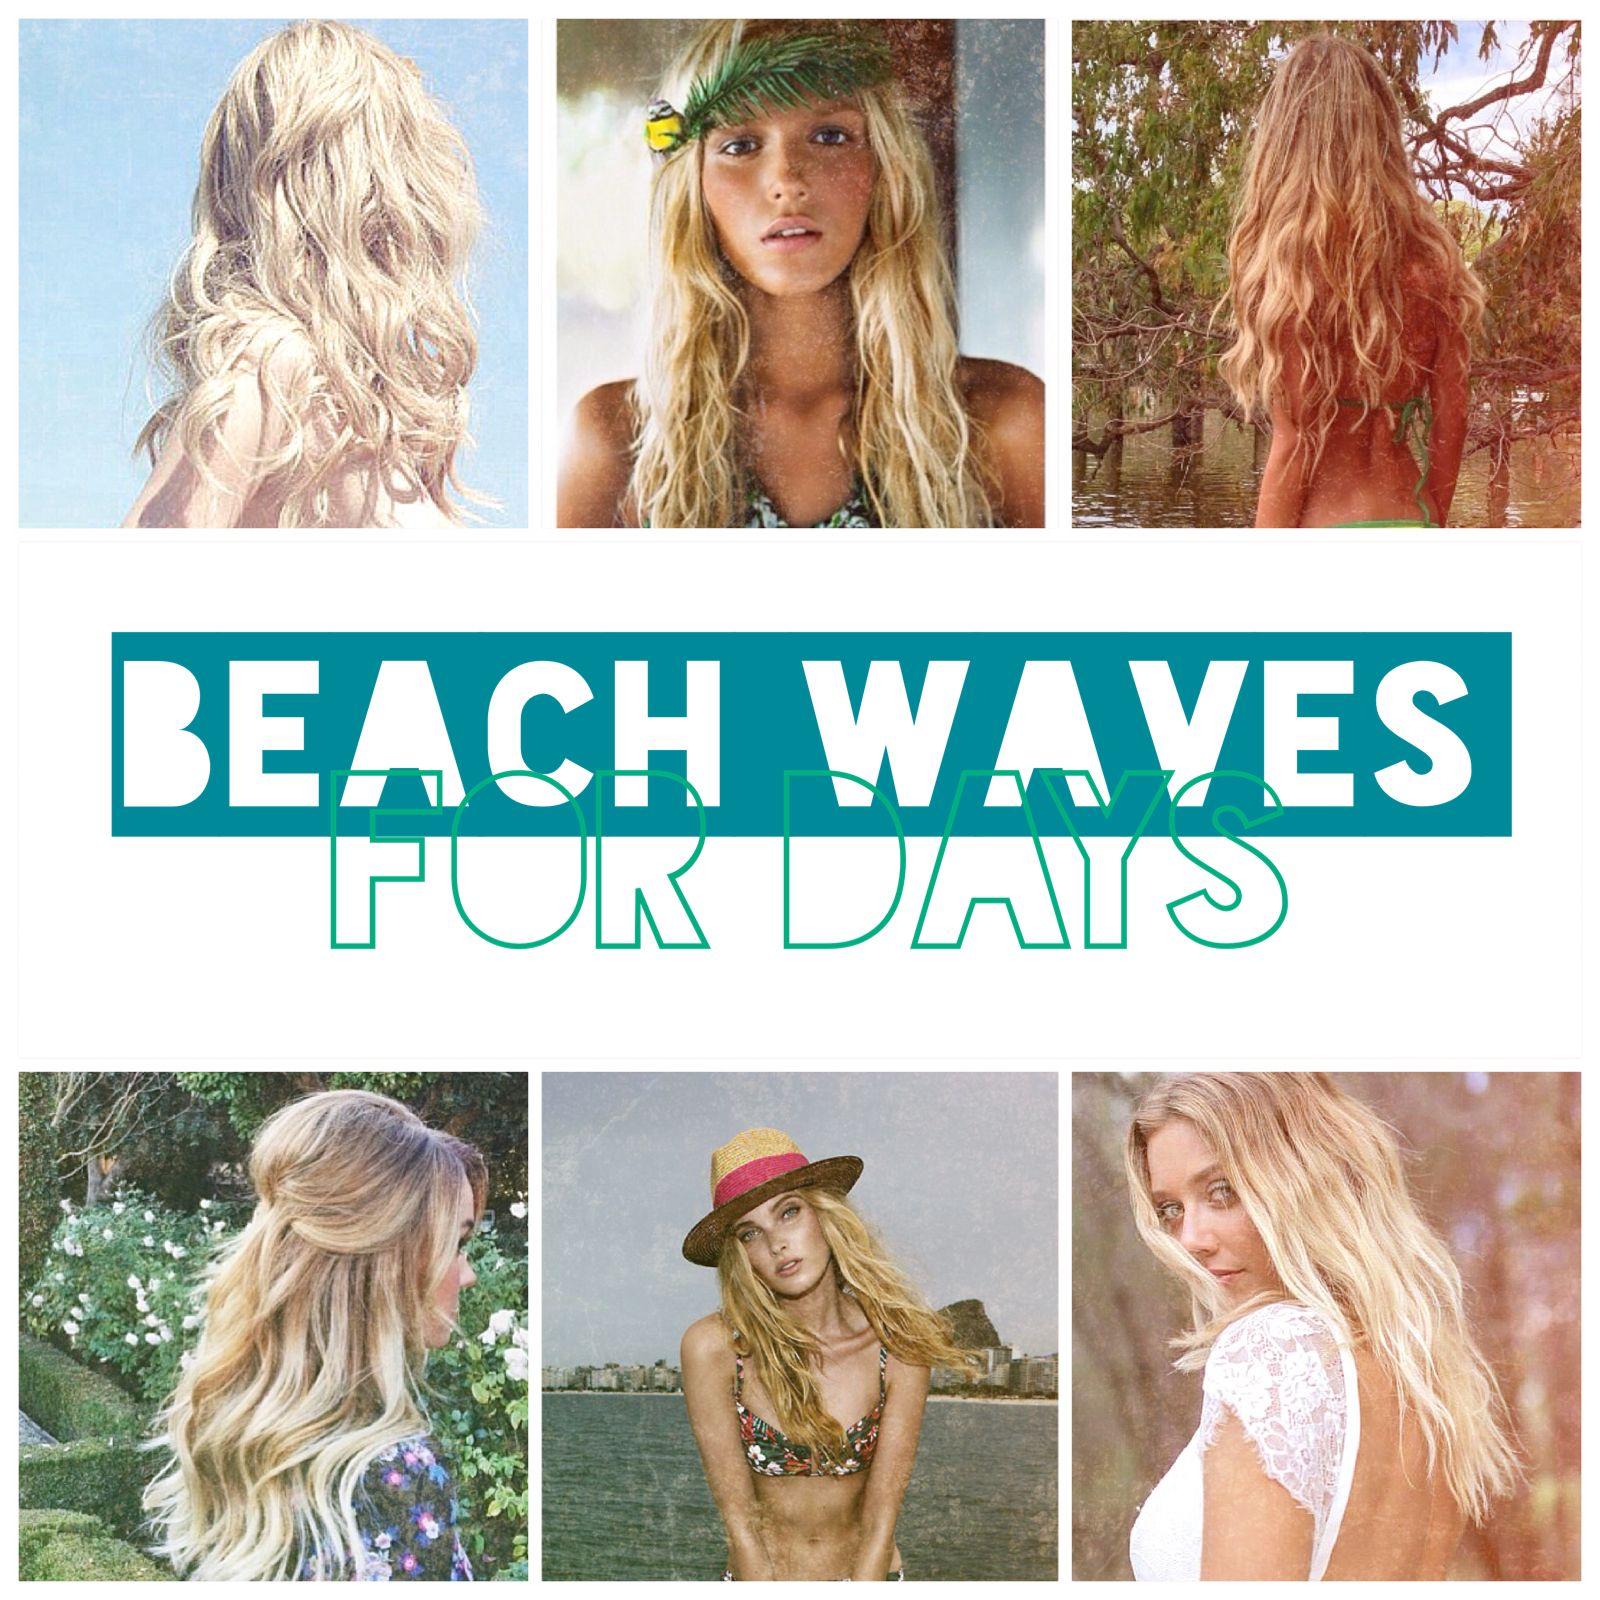 #beach #hair #waves #curls #texture